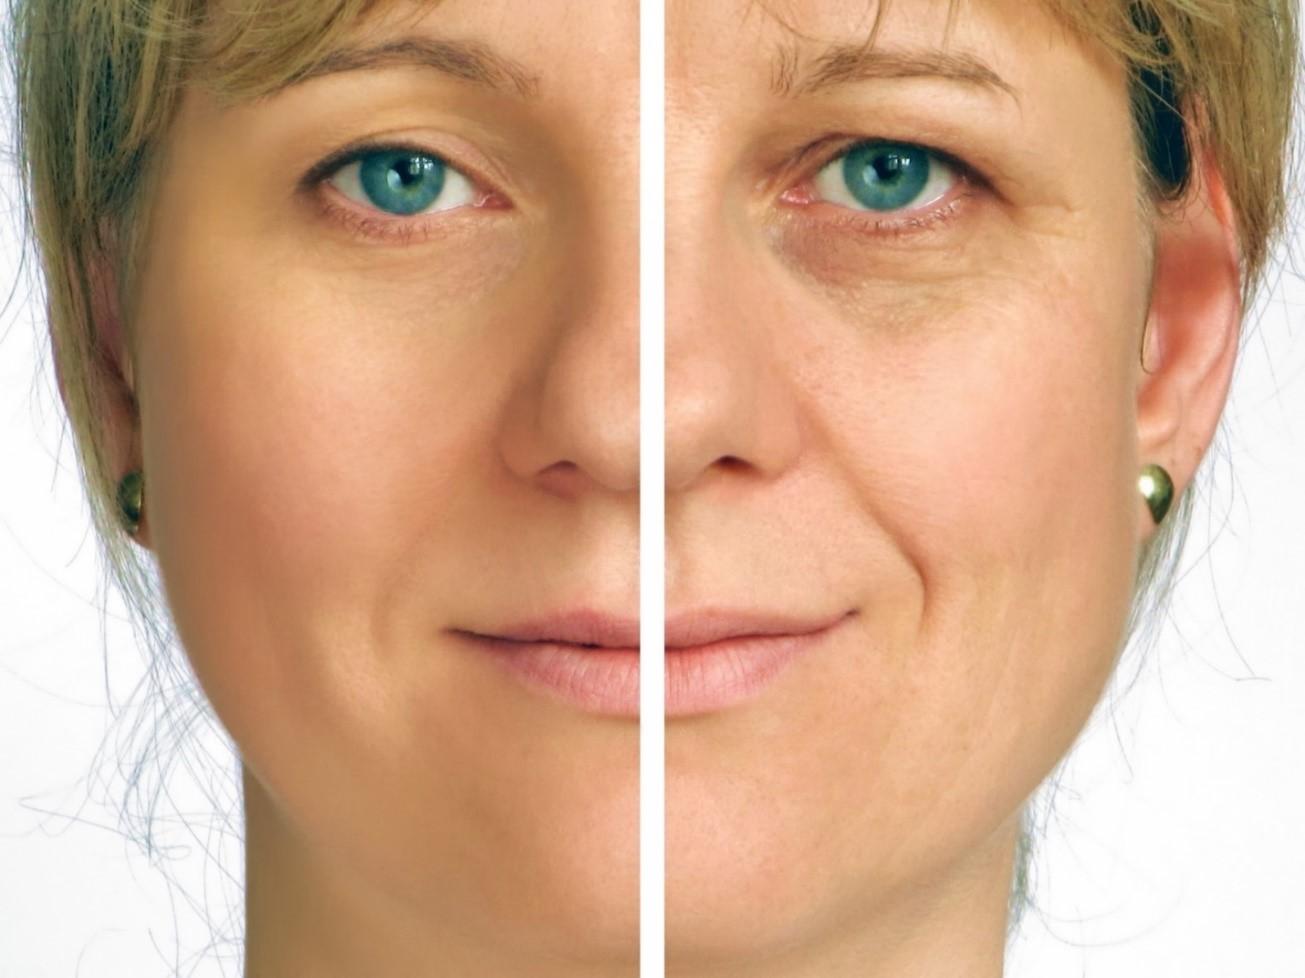 دستورالعملهای قبل و بعد از درمان